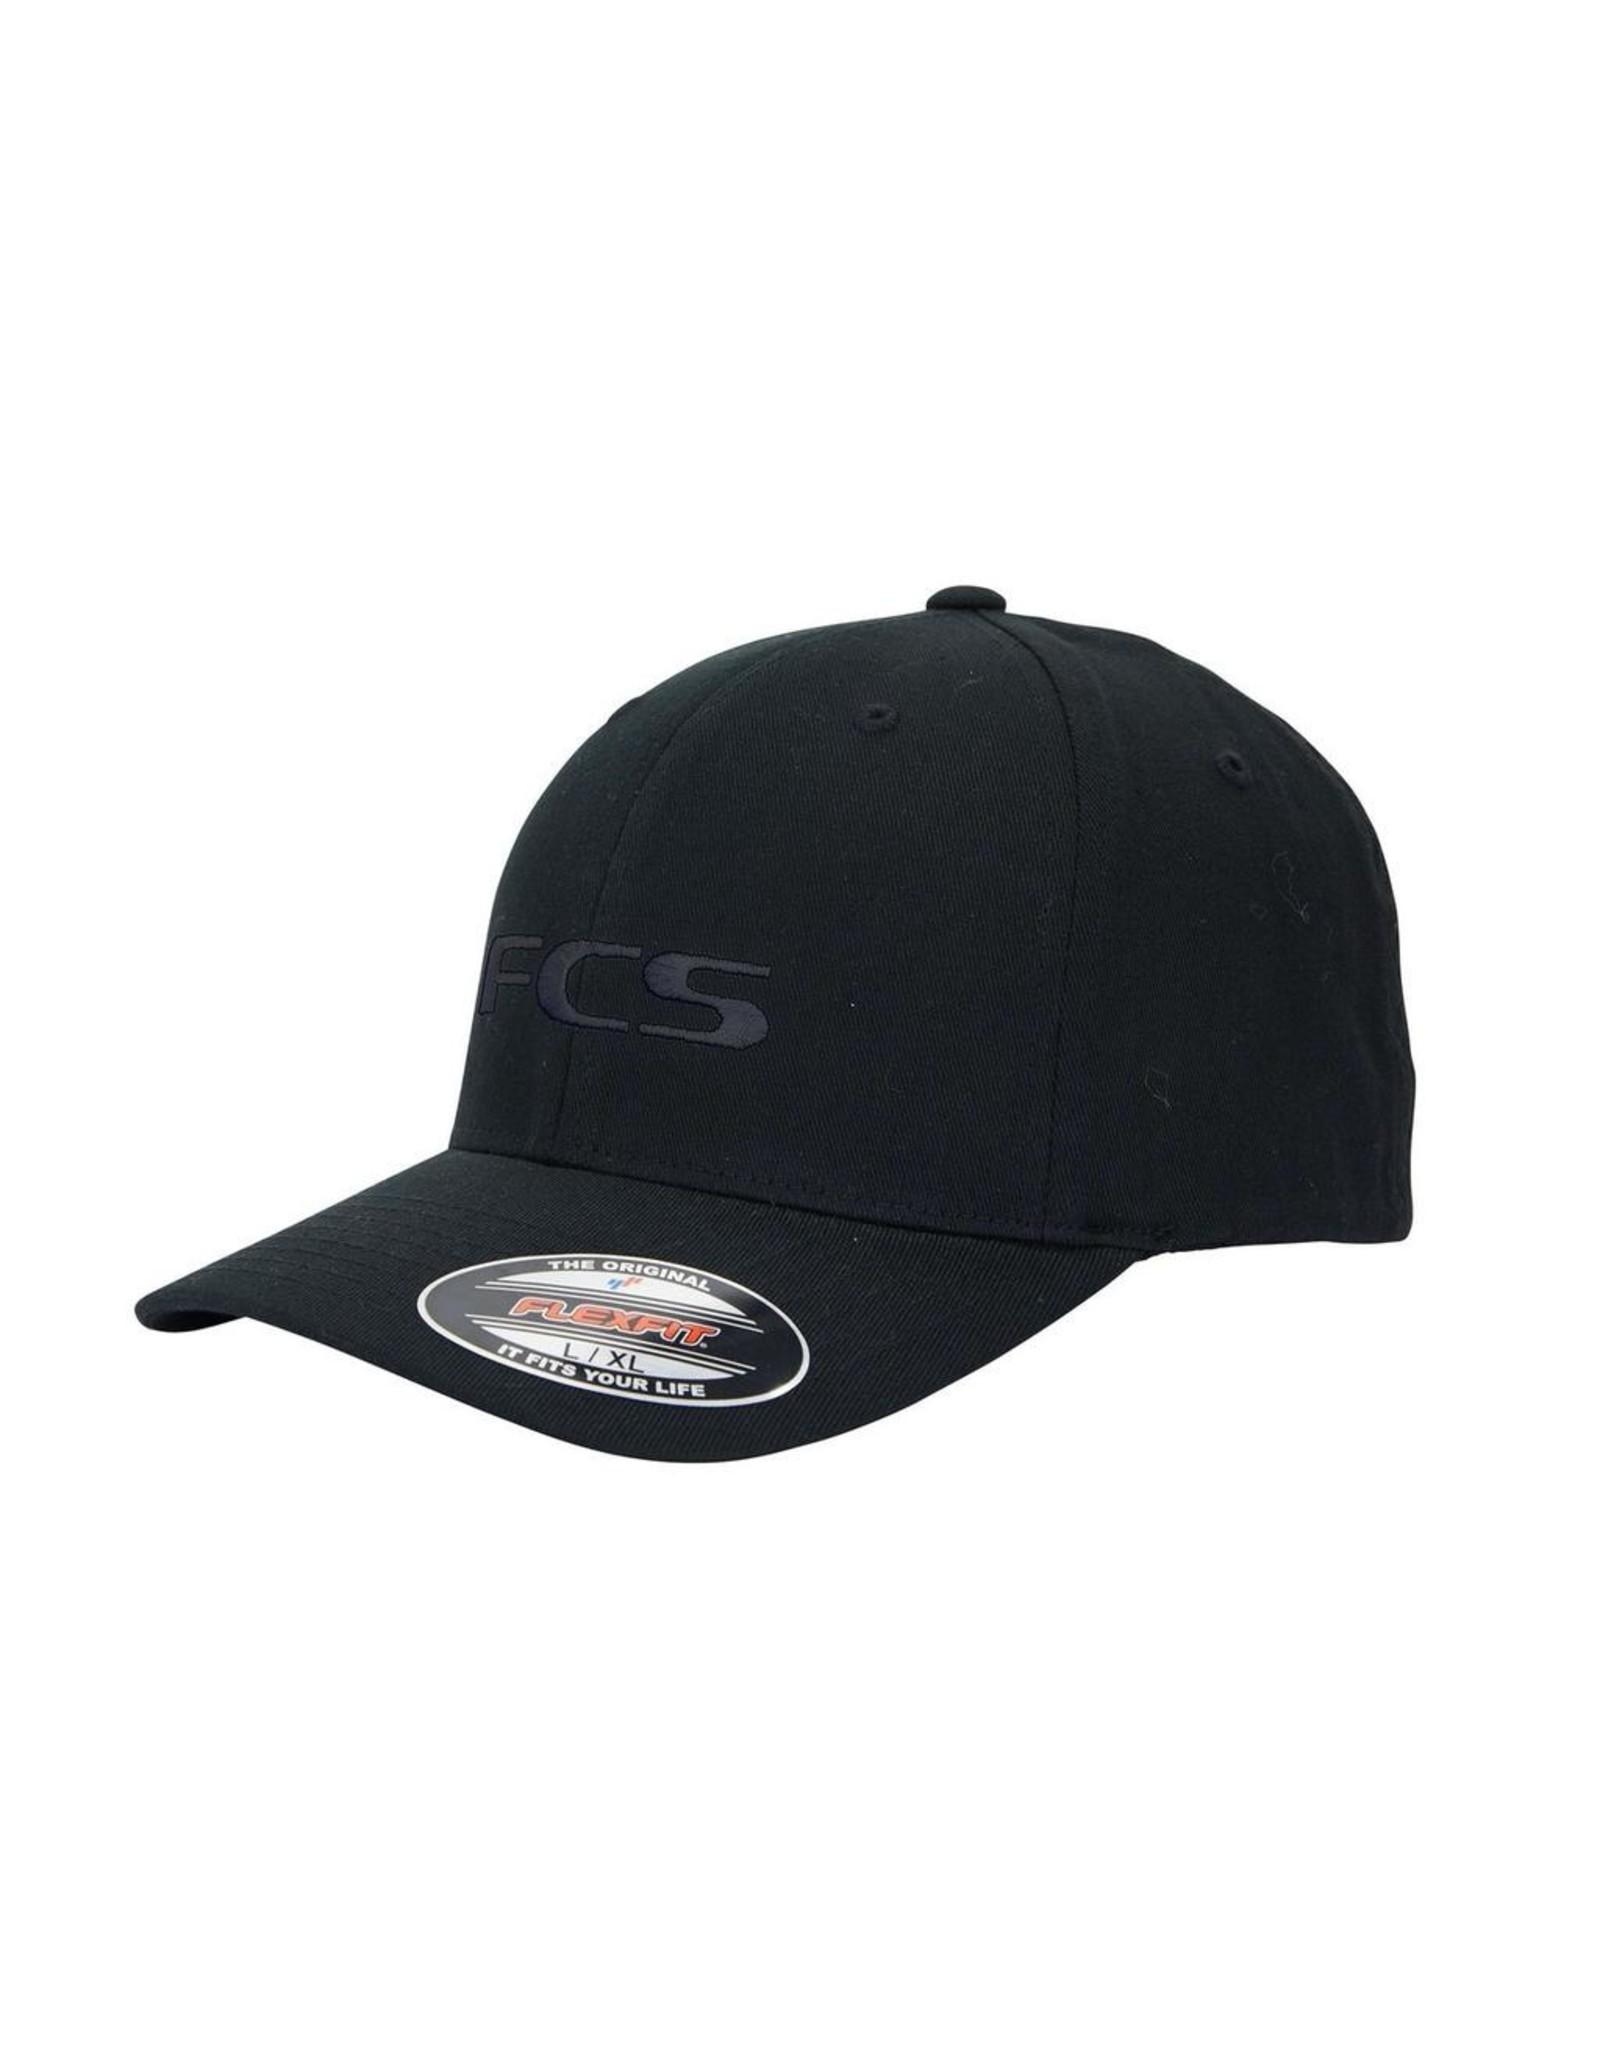 FCS FCS - Essential Permacurve Cap - Black - S/M